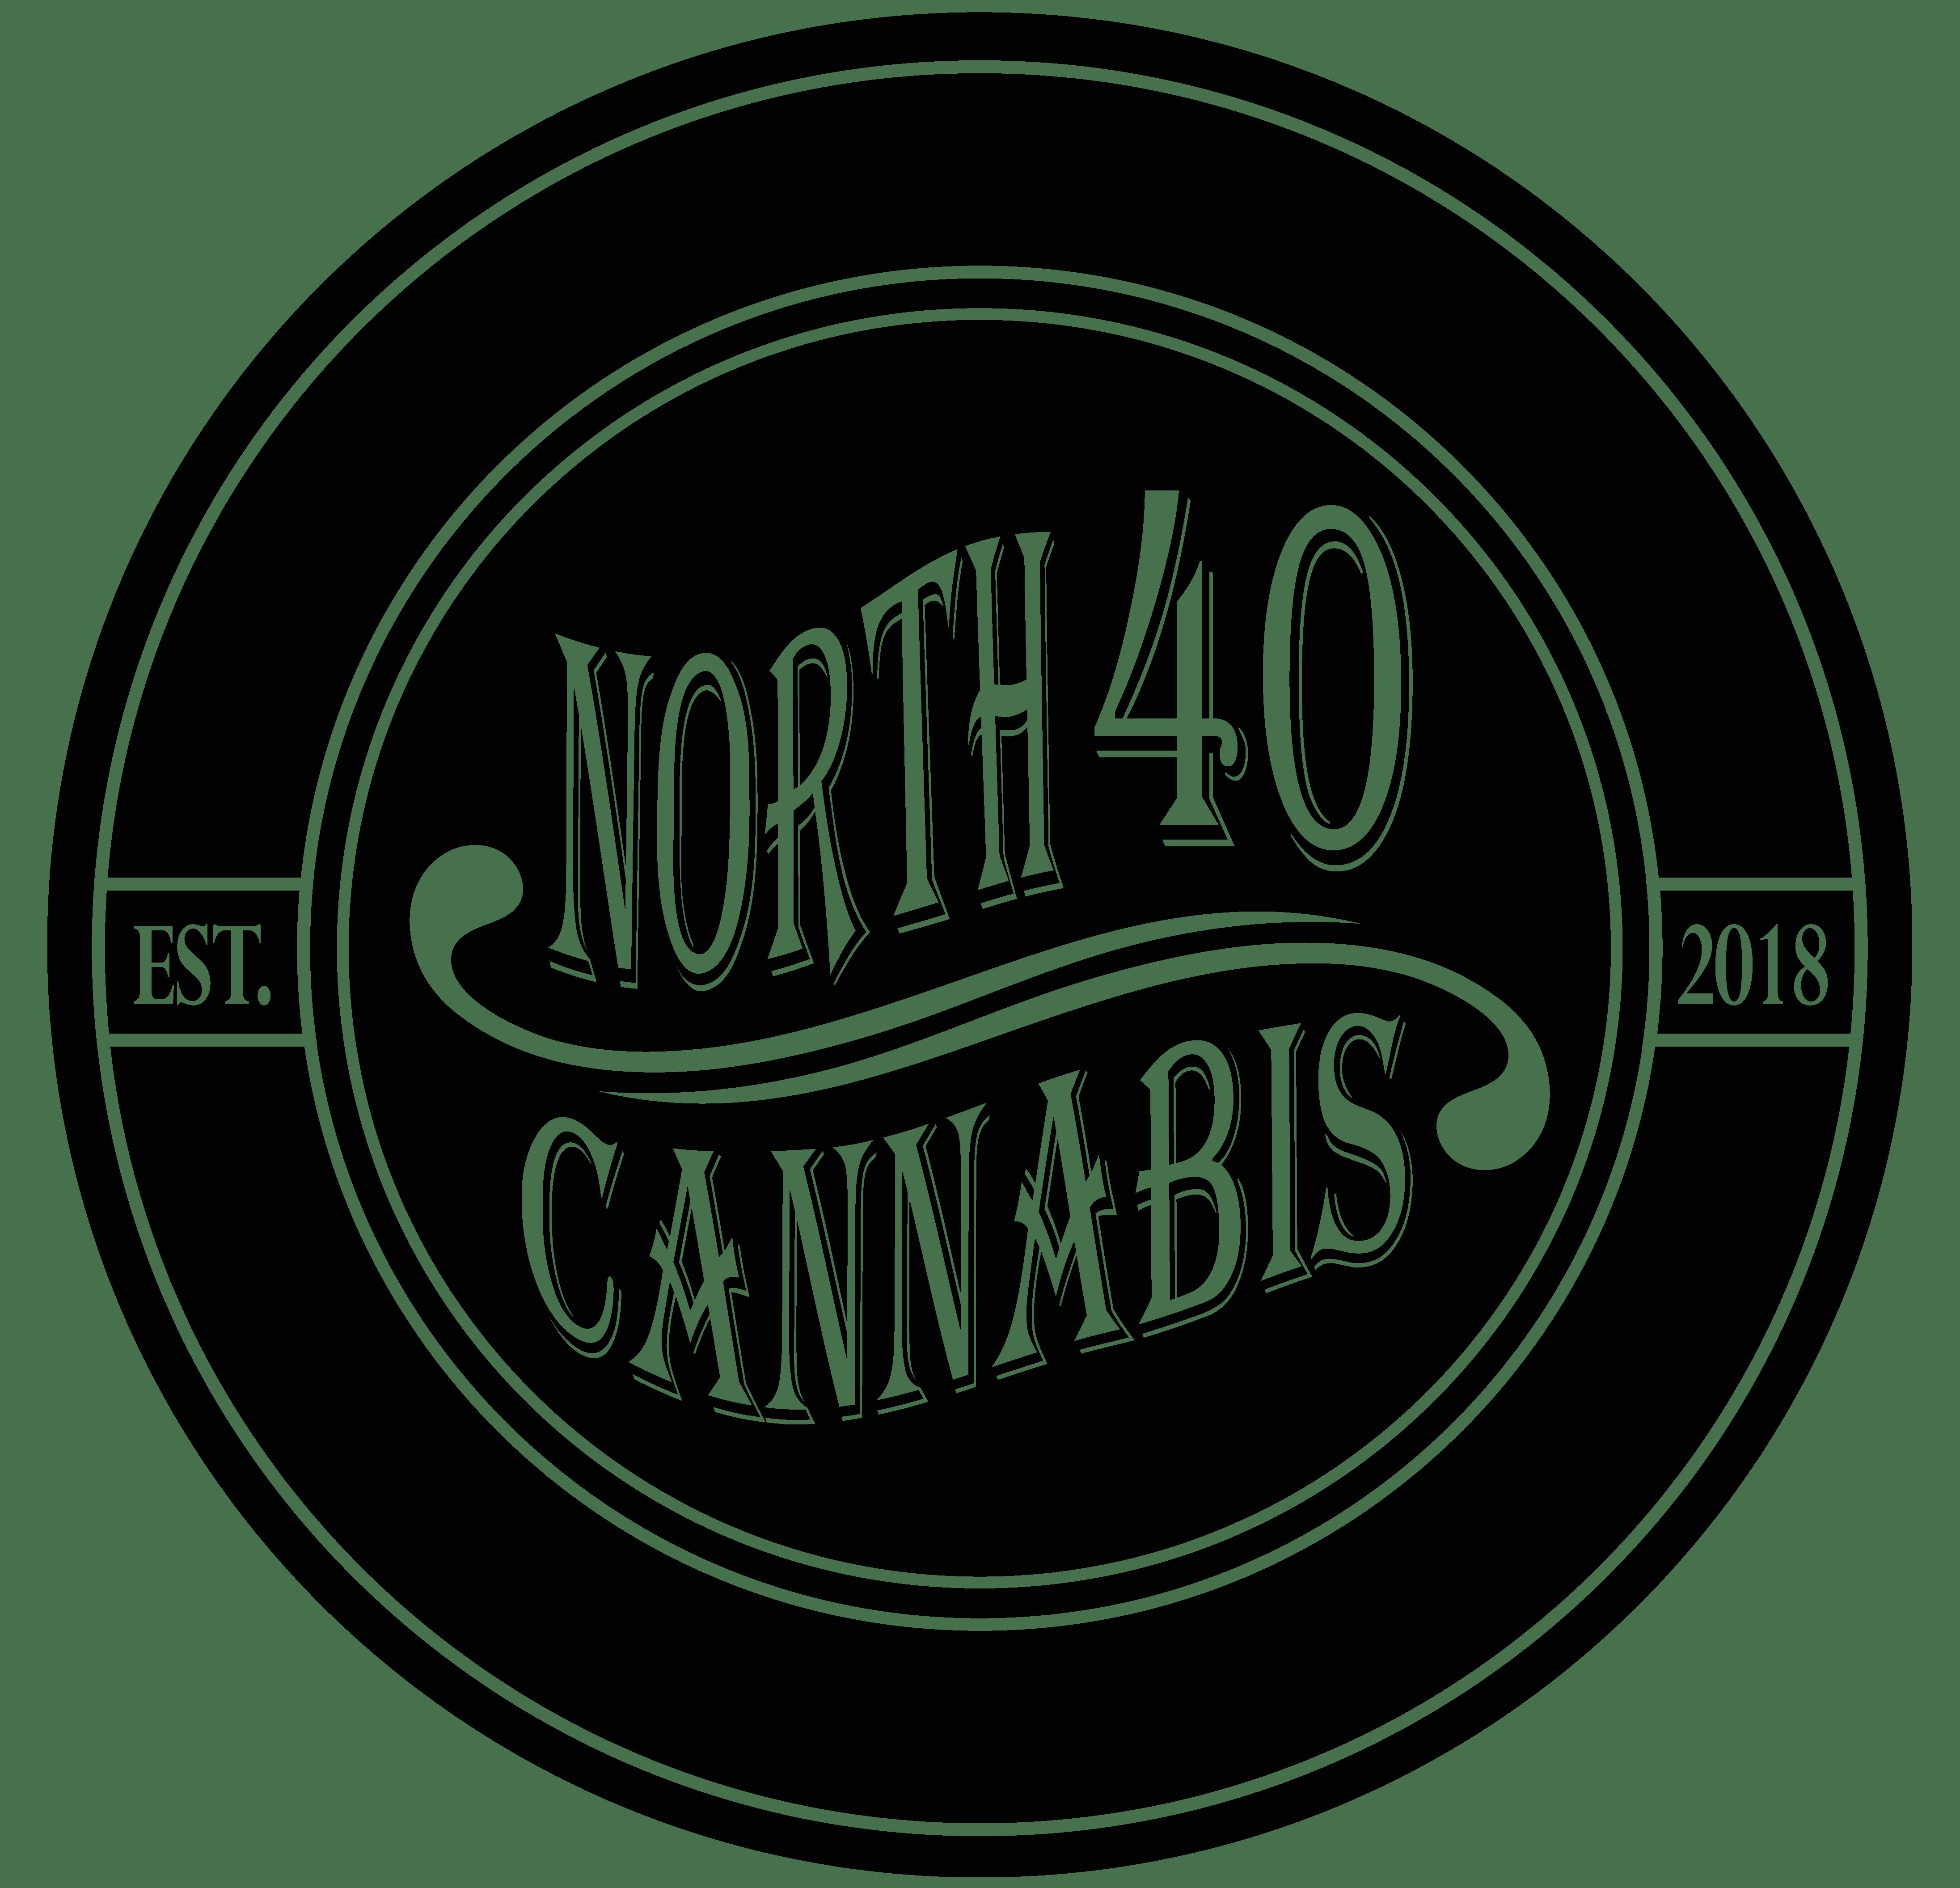 logo-n40-blk